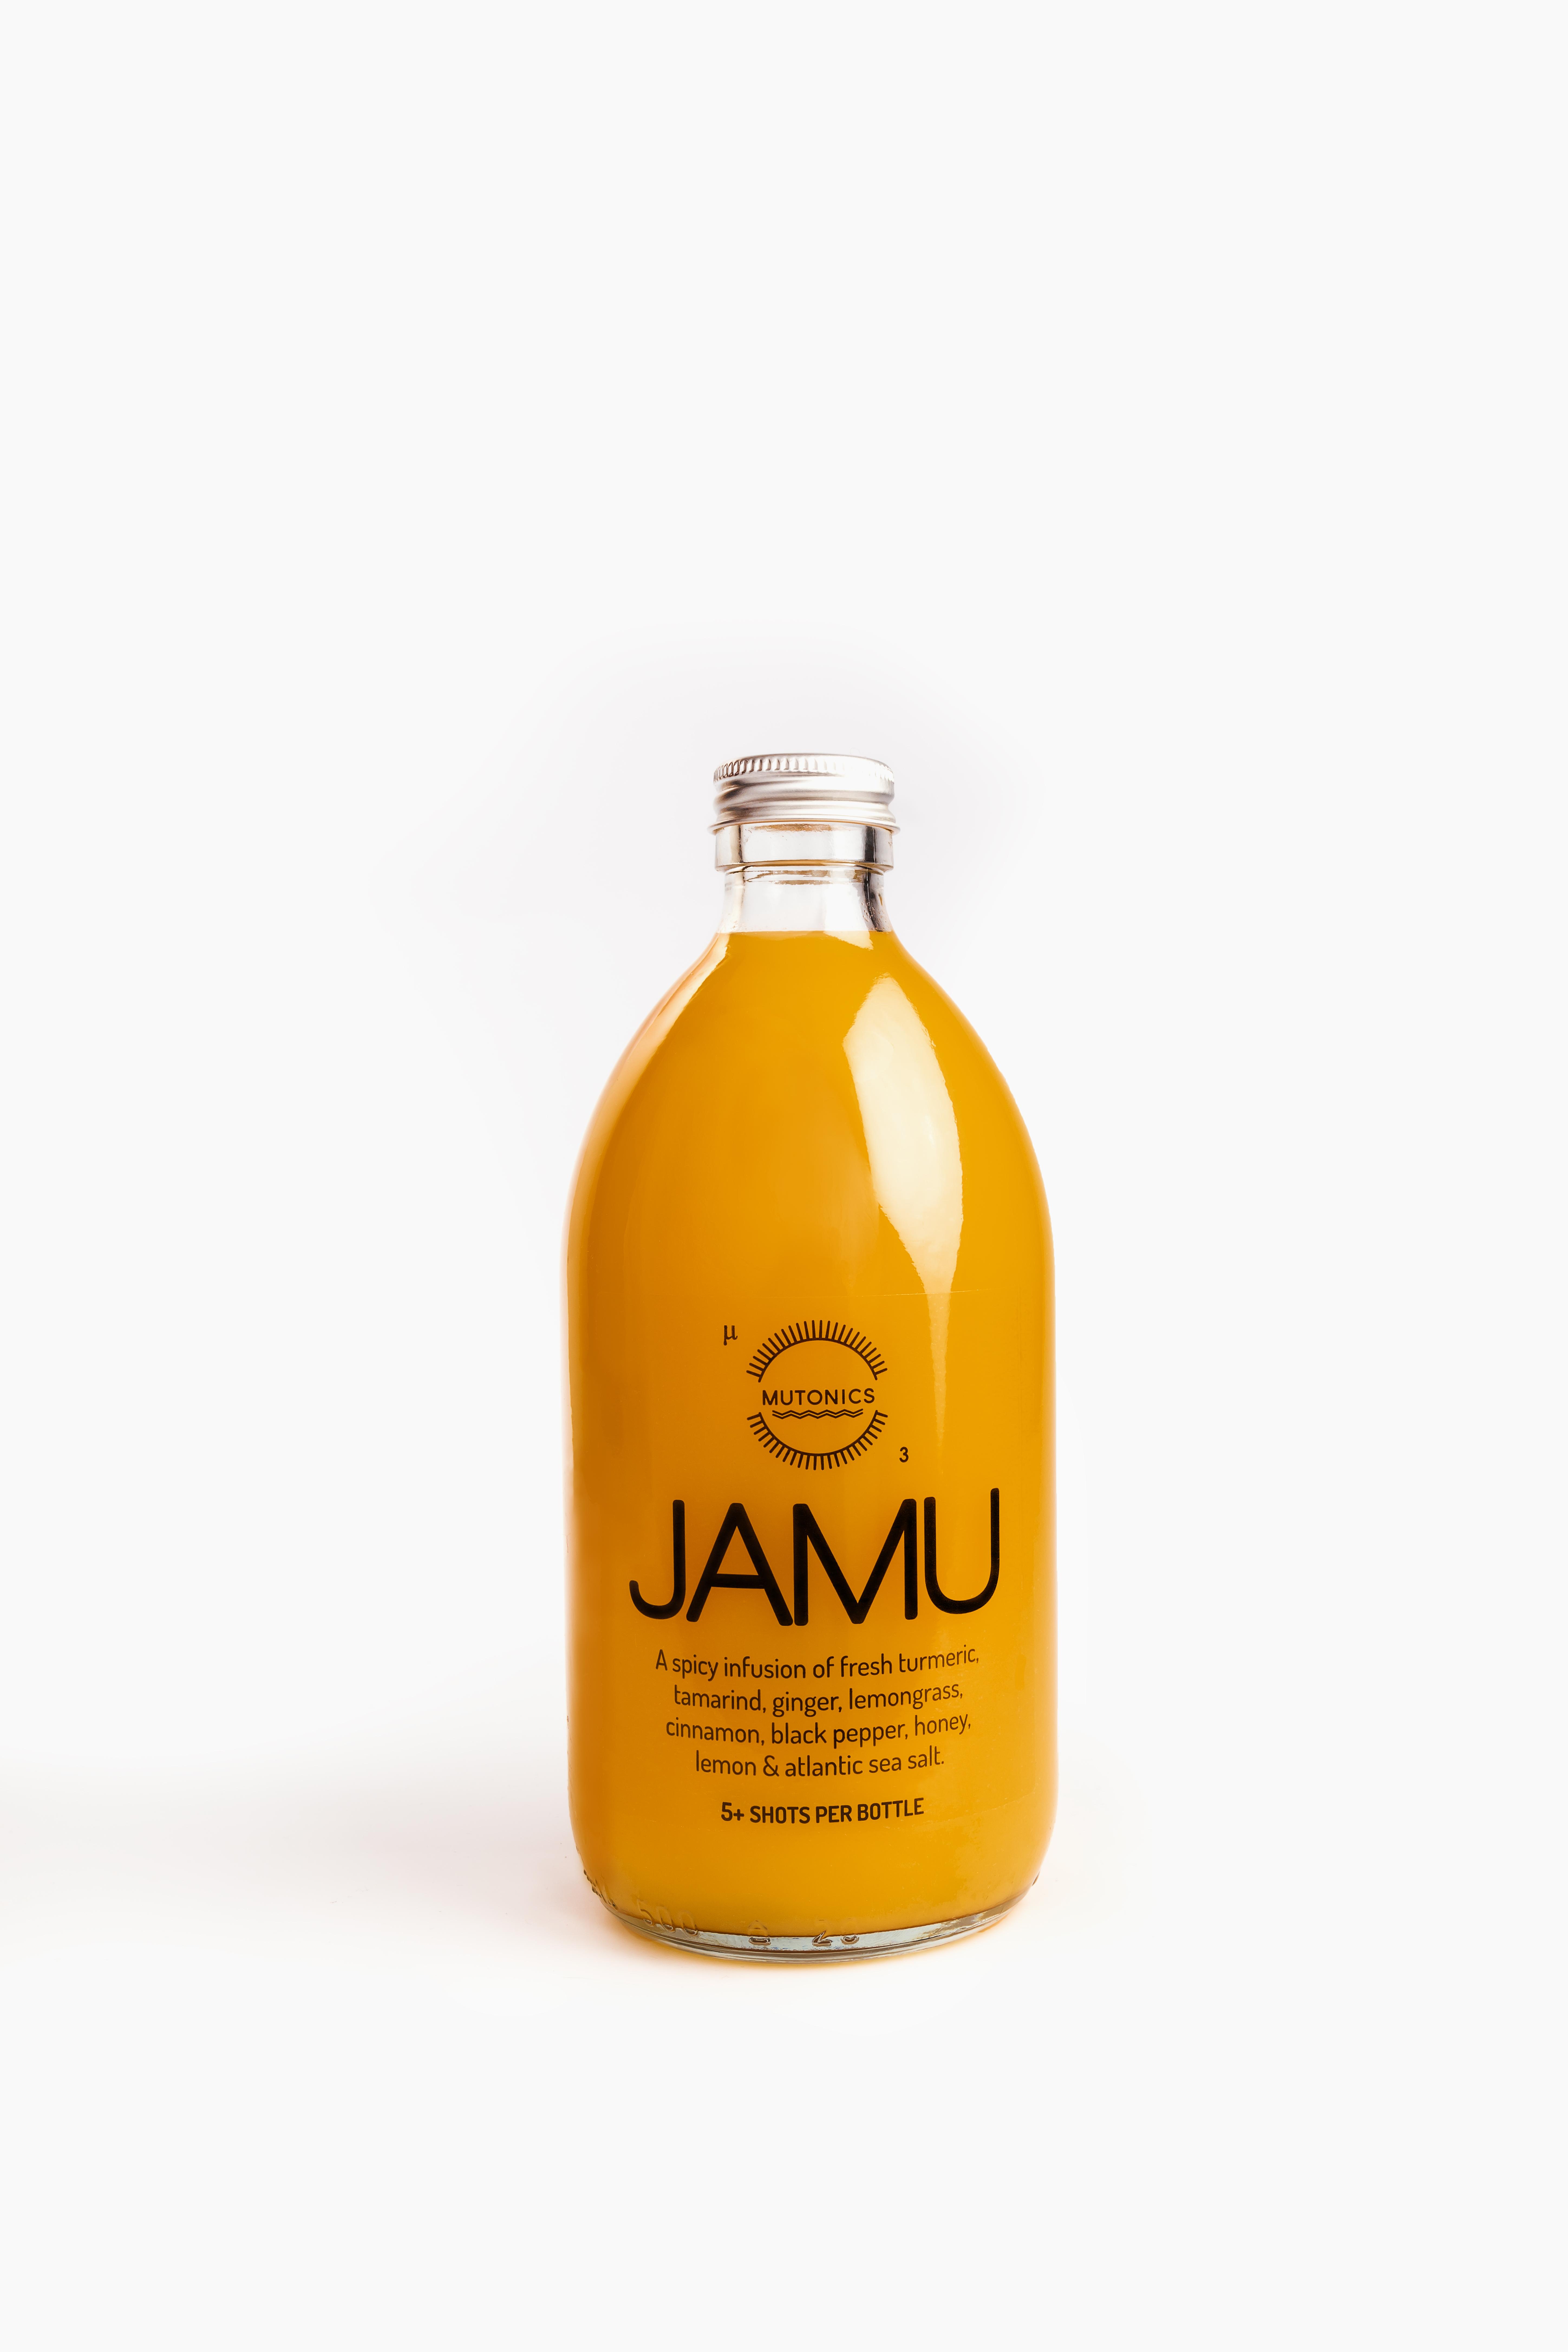 JAMU by Mutonics